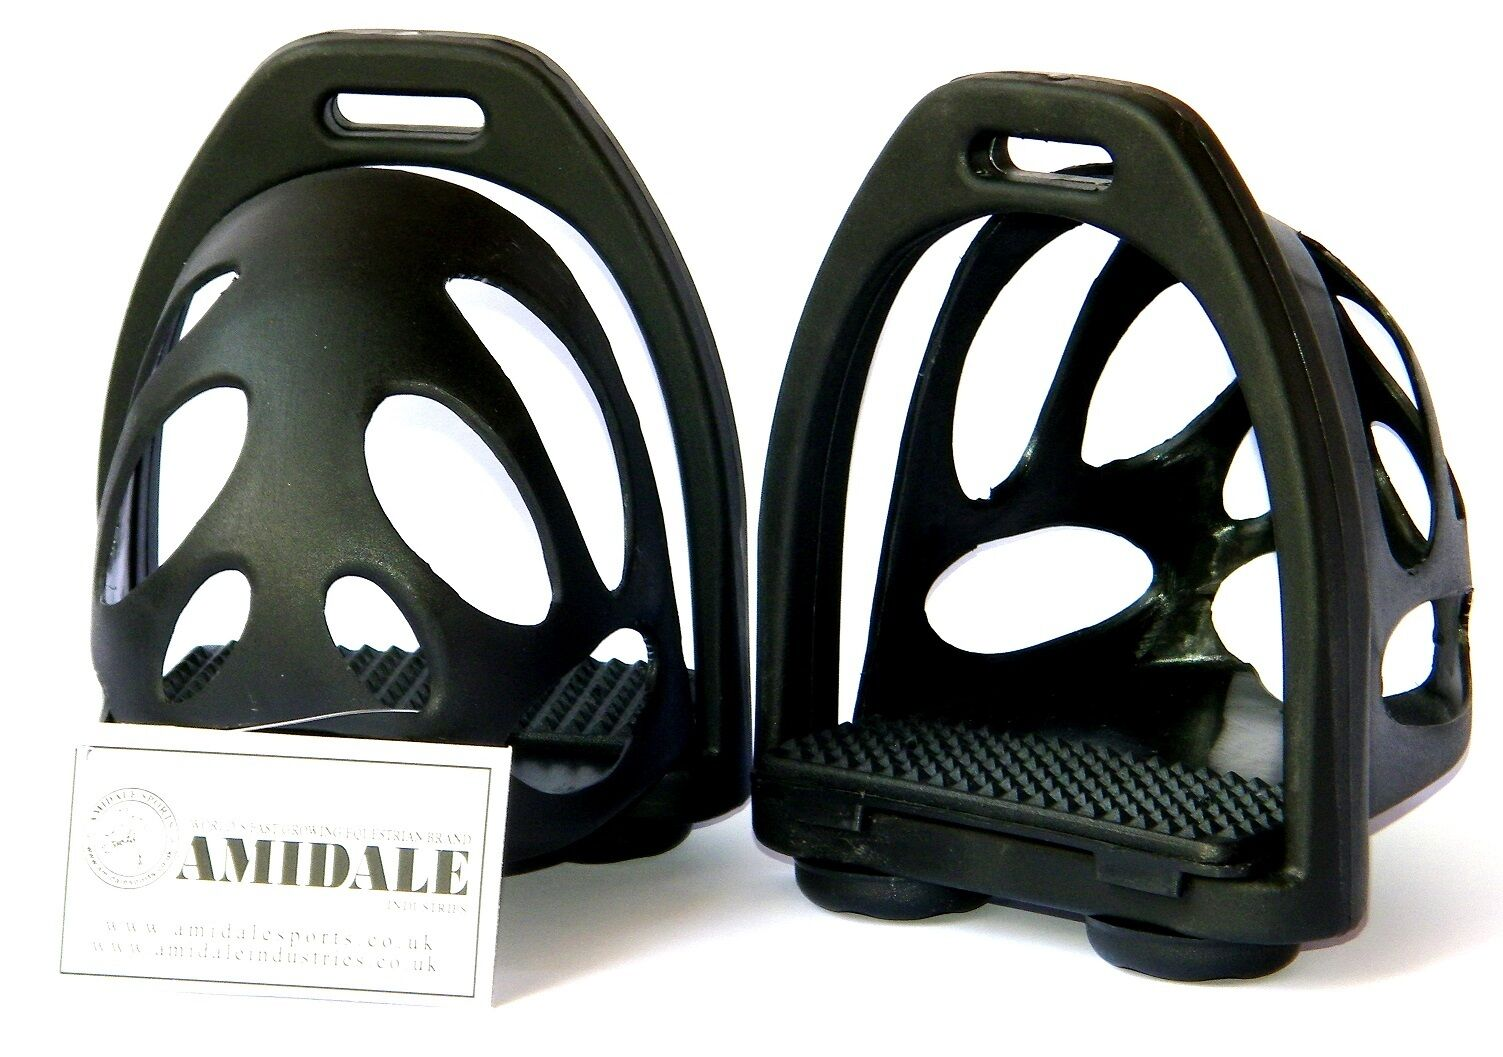 Verbundmaterial Matrix Sicherheits-Zehen Käfig für Schwarz Steigbügel ab Amidale Amidale Amidale  | Ein Gleichgewicht zwischen Zähigkeit und Härte  954c0c